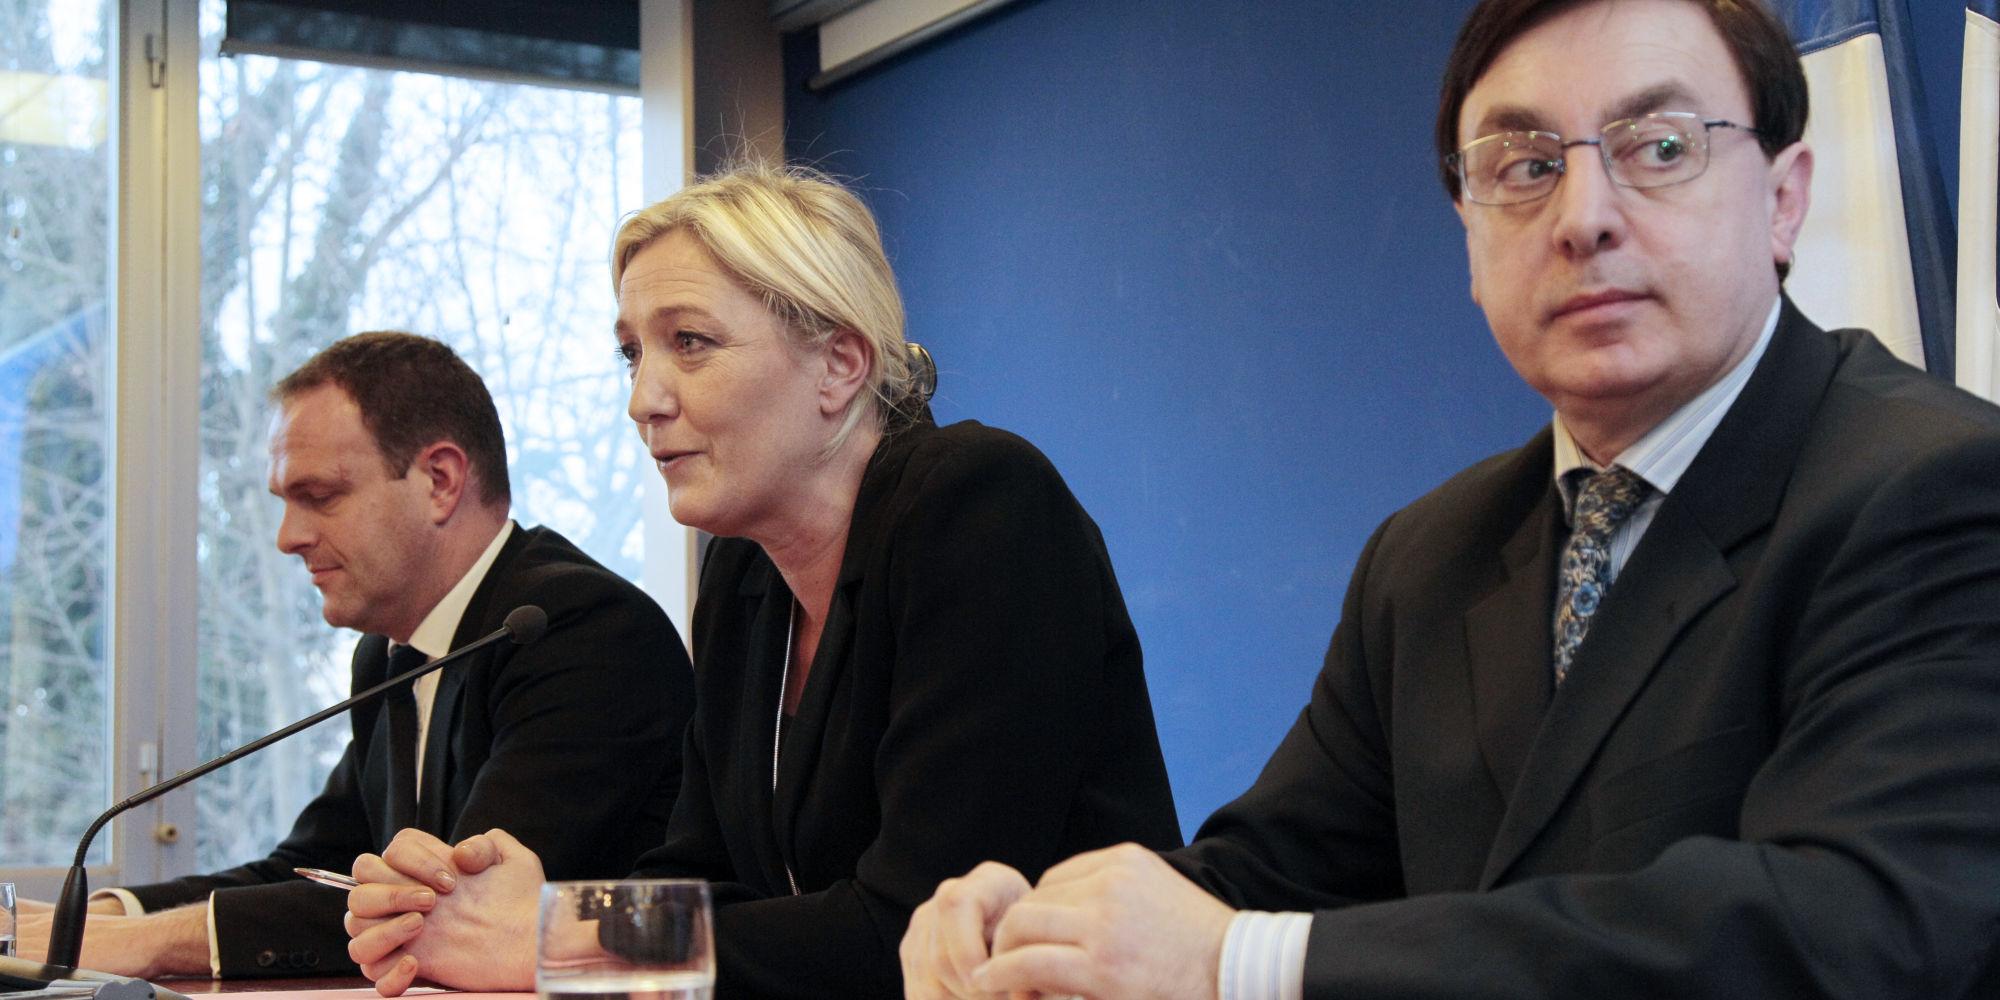 Présidentielle. Les Républicains appellent à voter contre Marine Le Pen